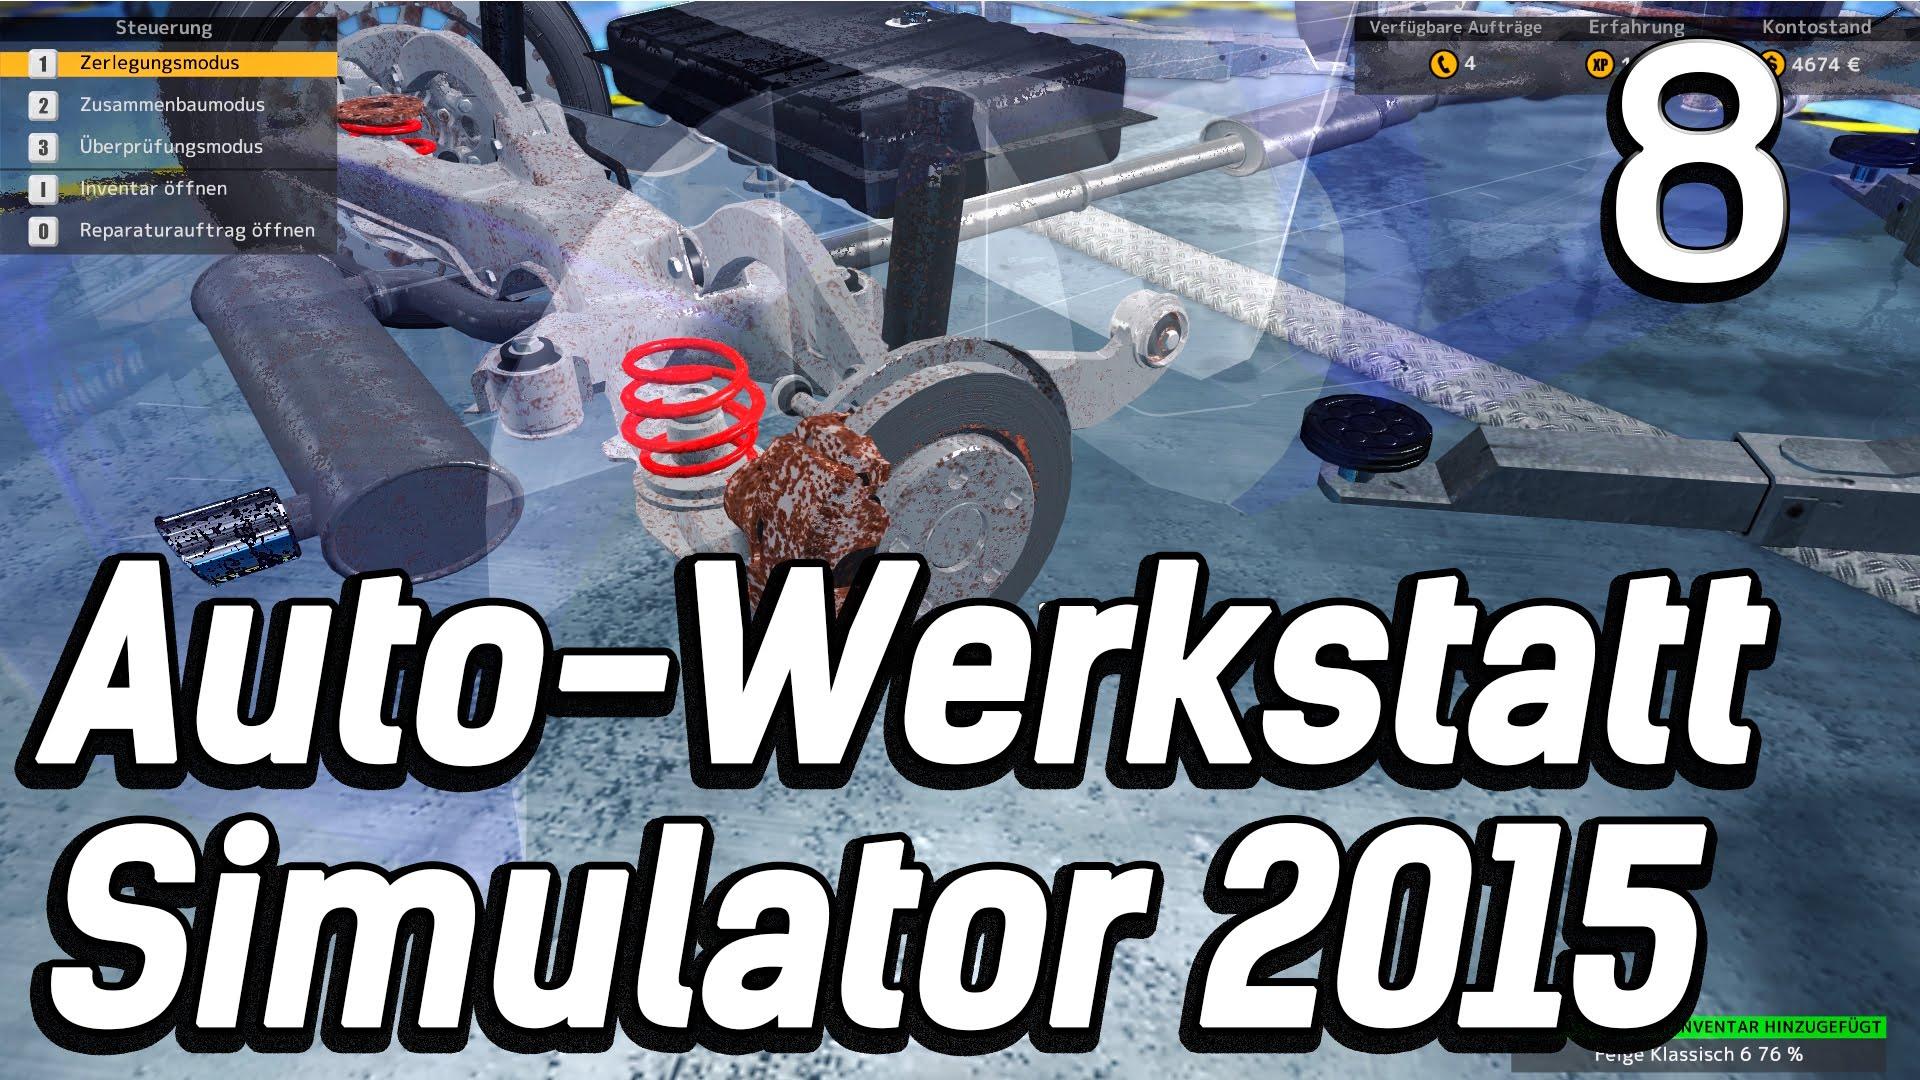 Auto-Werkstatt-Simulator-2015-8-Noch-mehr-Rost-und-alte-Teile-Car-Mechanic-Lets-Play-deutsch-HD-attachment